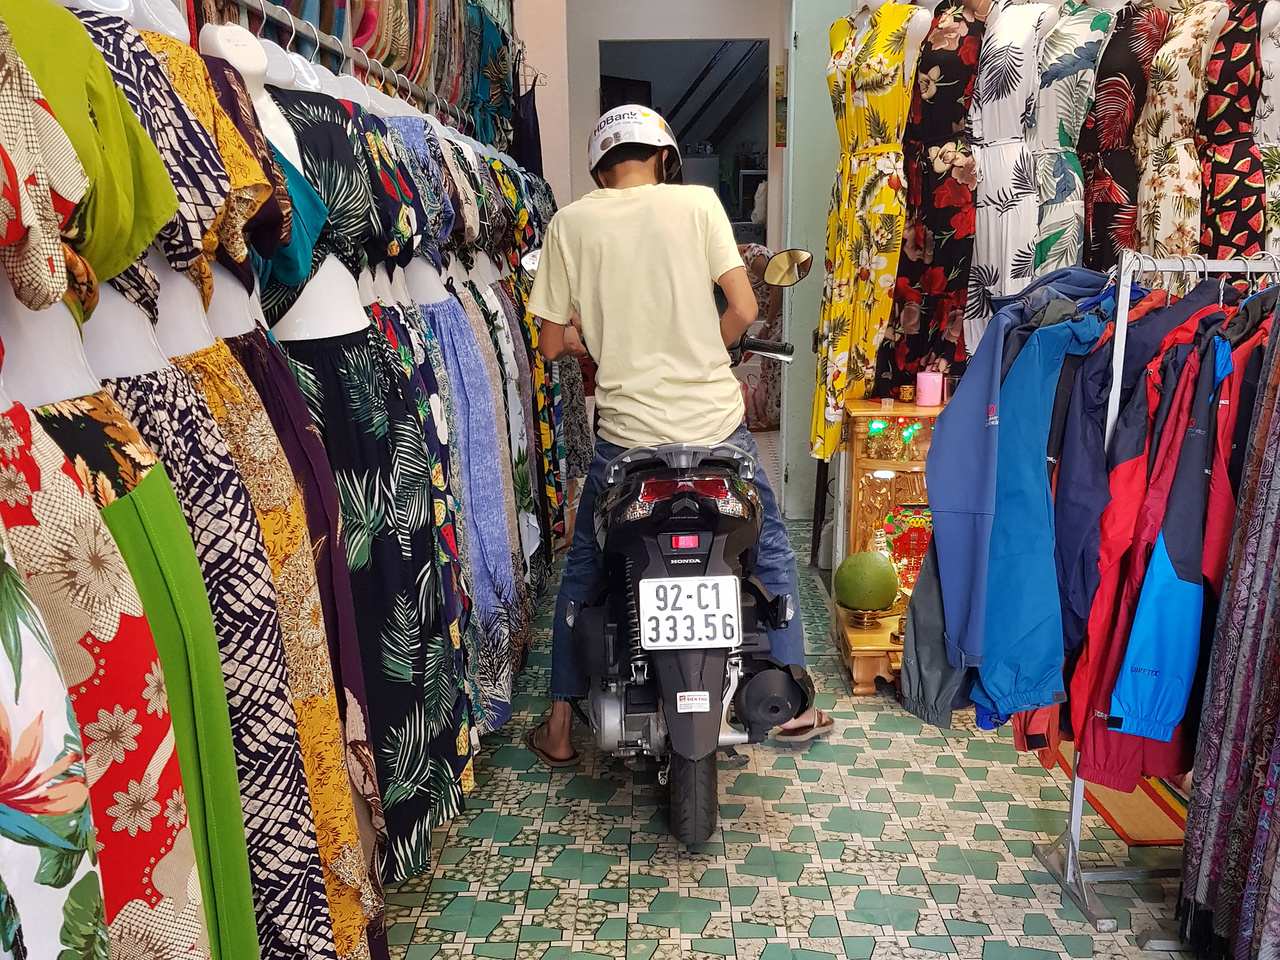 Minden egyben. Sok helyen az üzletben laknak, parkolnak, élnek a  kereskedők, ezért csak külföldi szemmel furcsa látni, hogy a ruhapróba közben beállít a gazda a hátsó fertályba, miközben a gyerek például az üzlet padlóján alszik